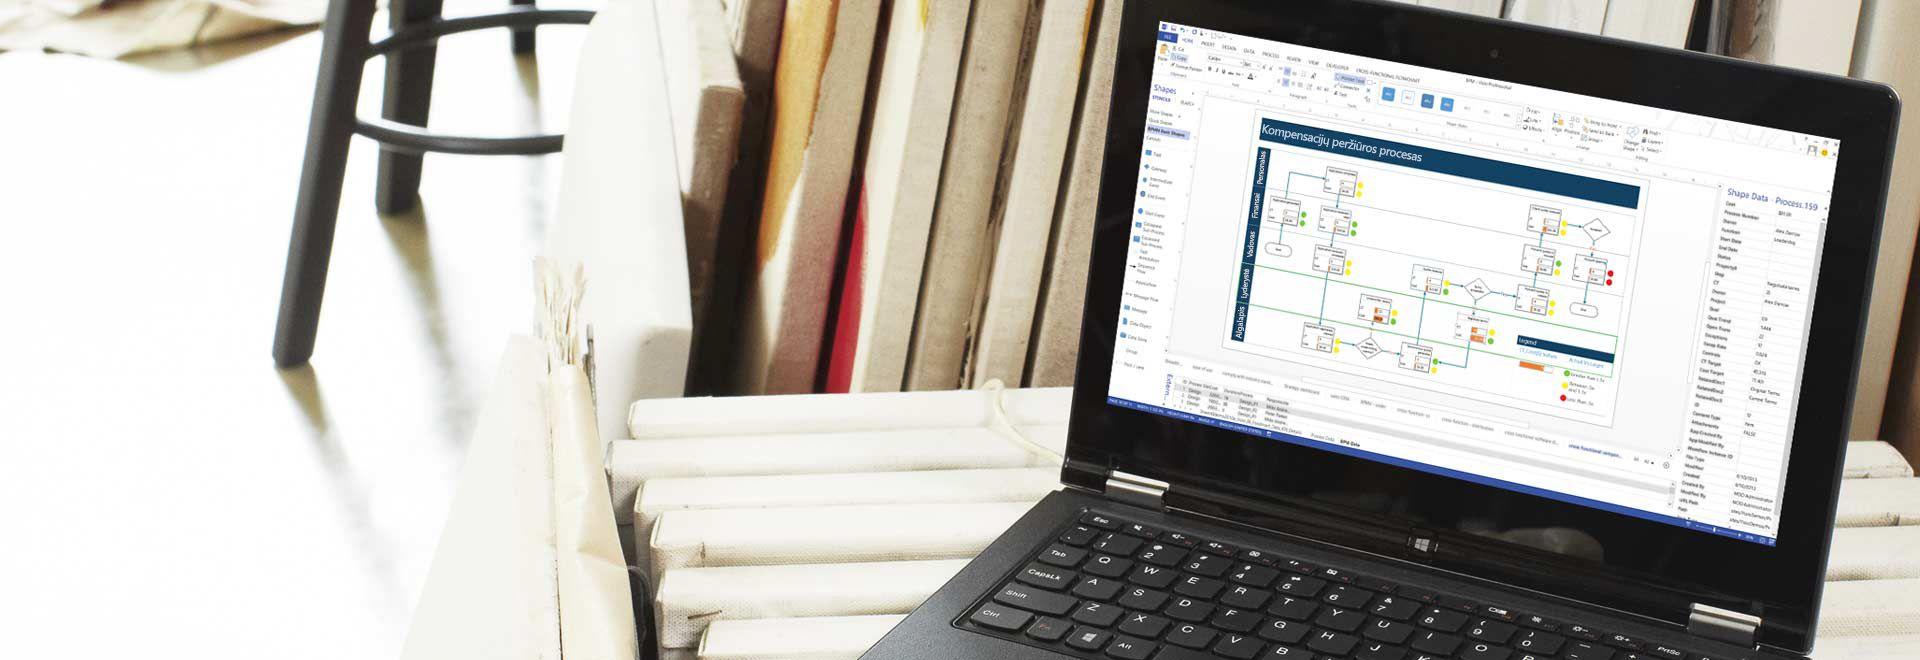 """Nešiojamasis kompiuteris, kuriame matomas proceso darbo eigos diagramos programoje """"Visio Pro for Office 365"""" vaizdas"""